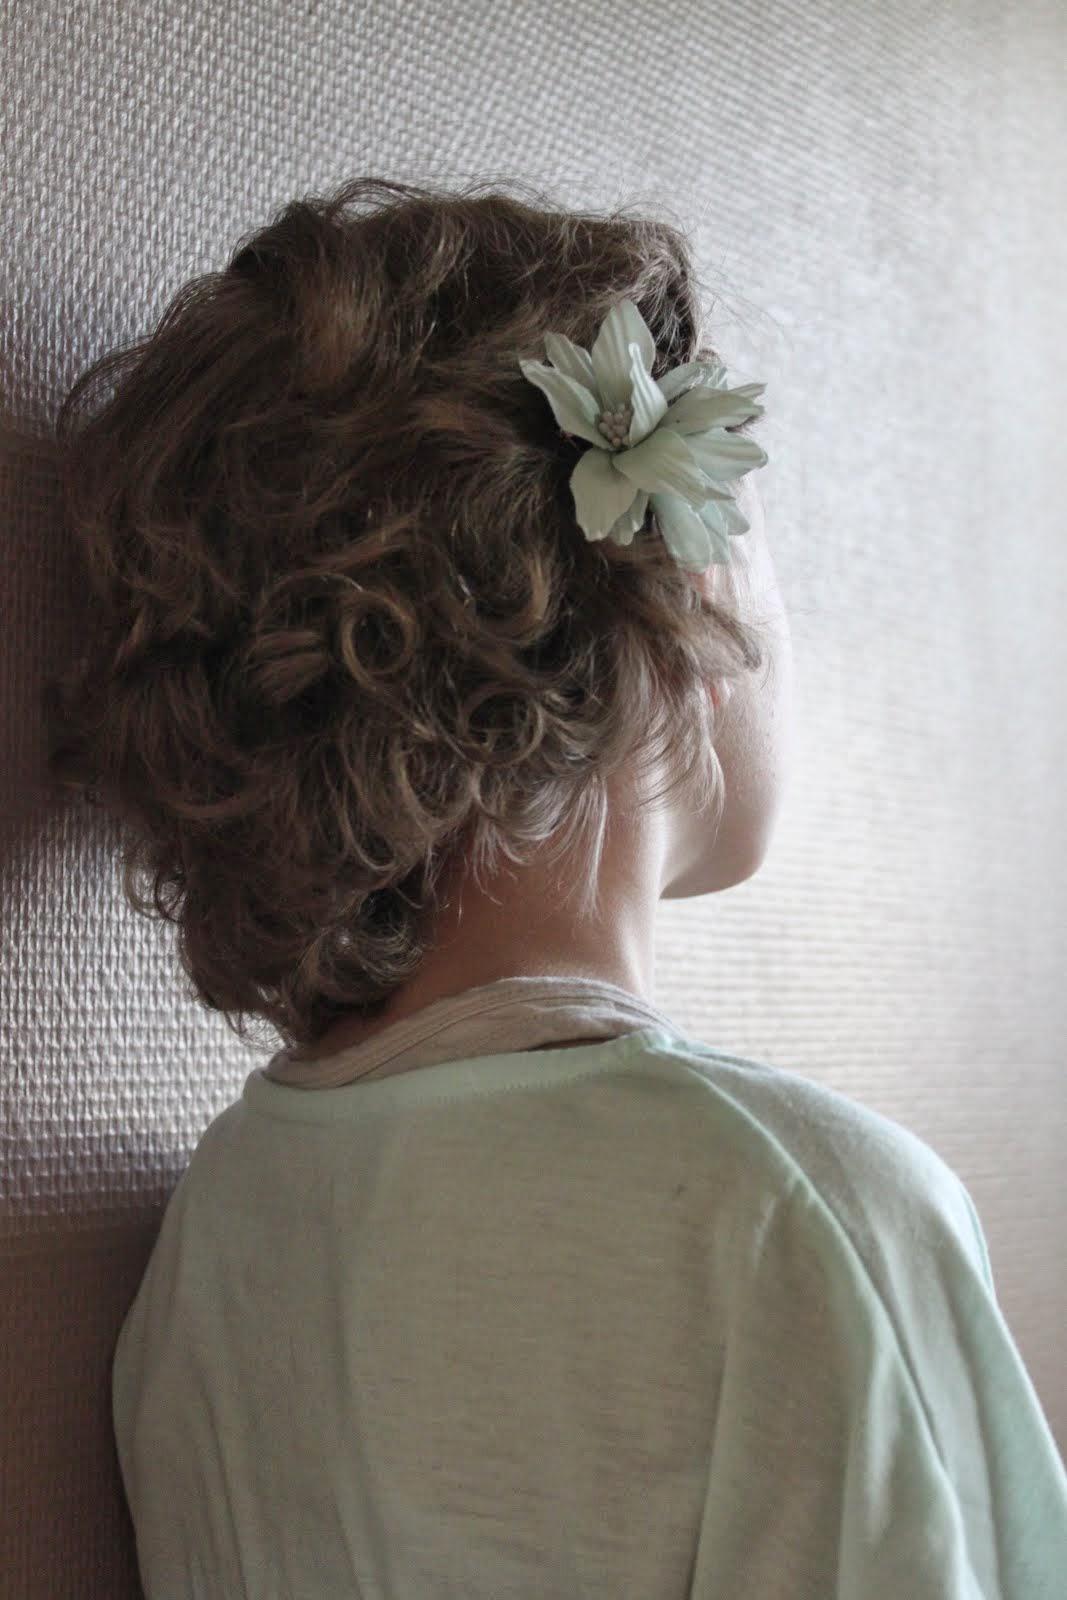 Tyttö tarinoiden takaa...